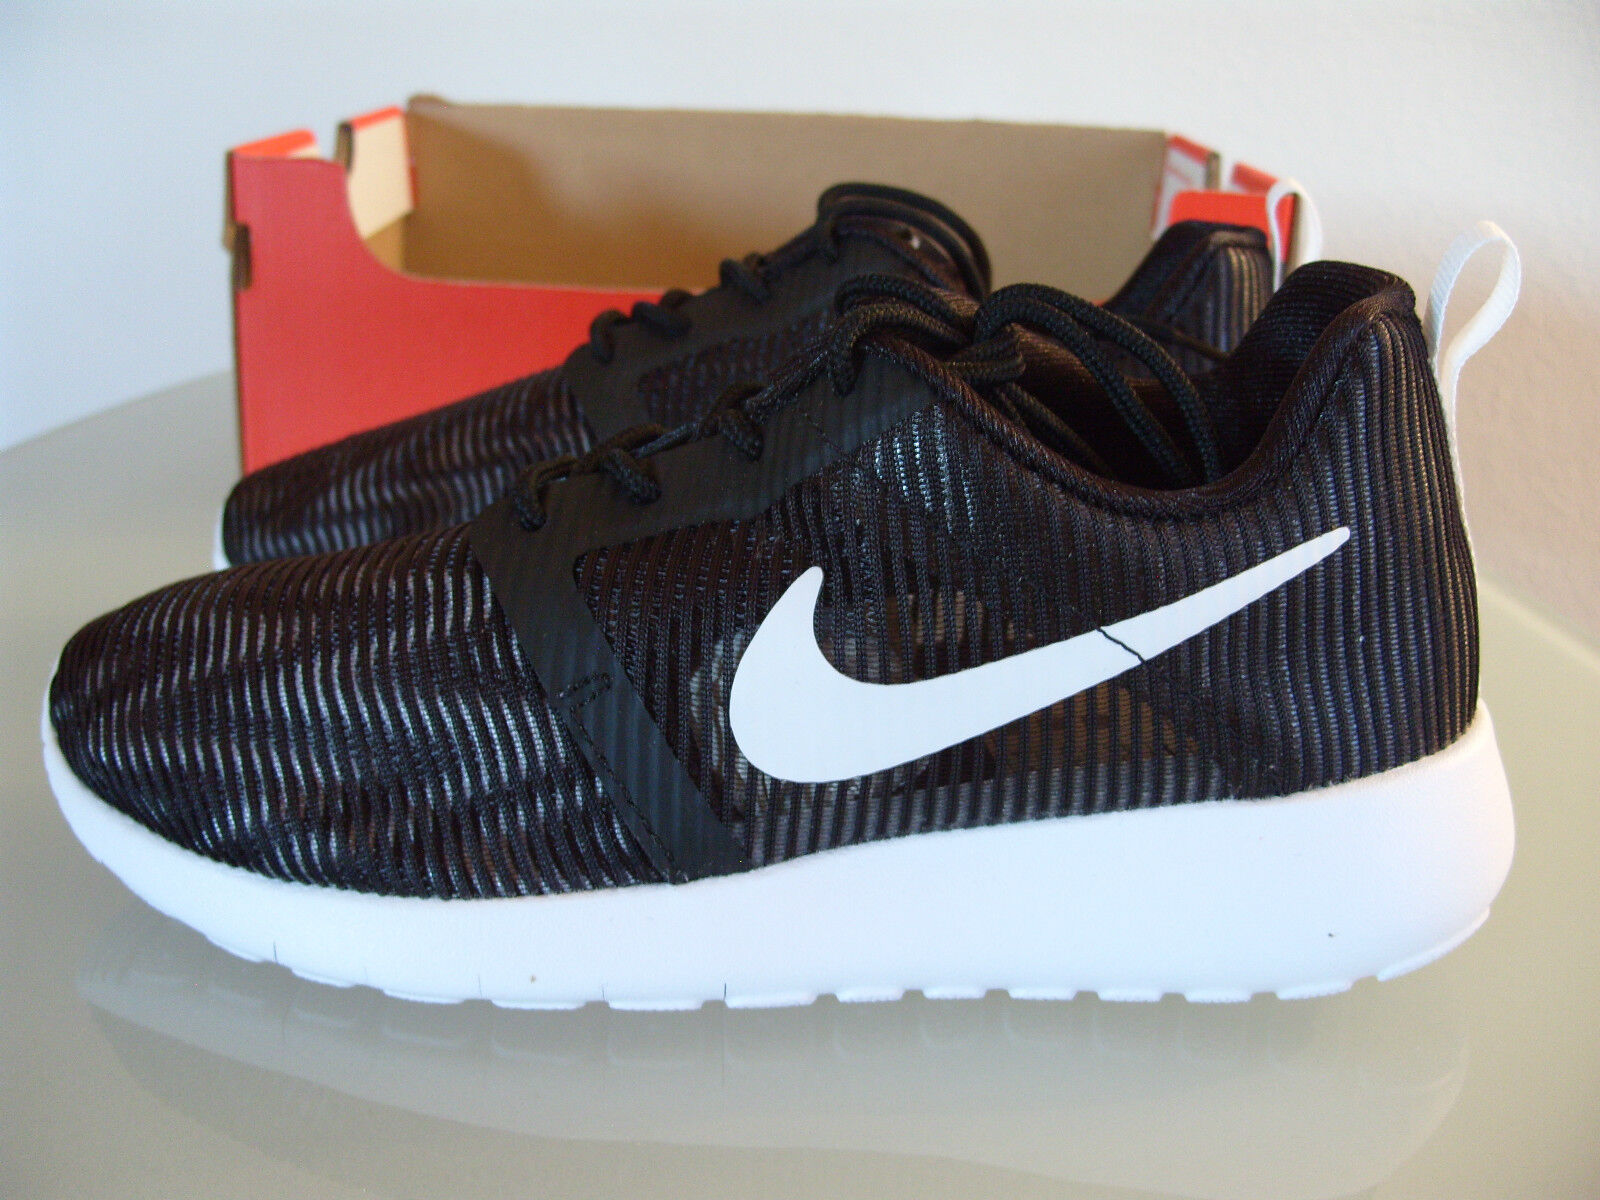 Original  zapatillas nike zapato roshe one Flight weight fitness cortos aerobic  tienda en linea